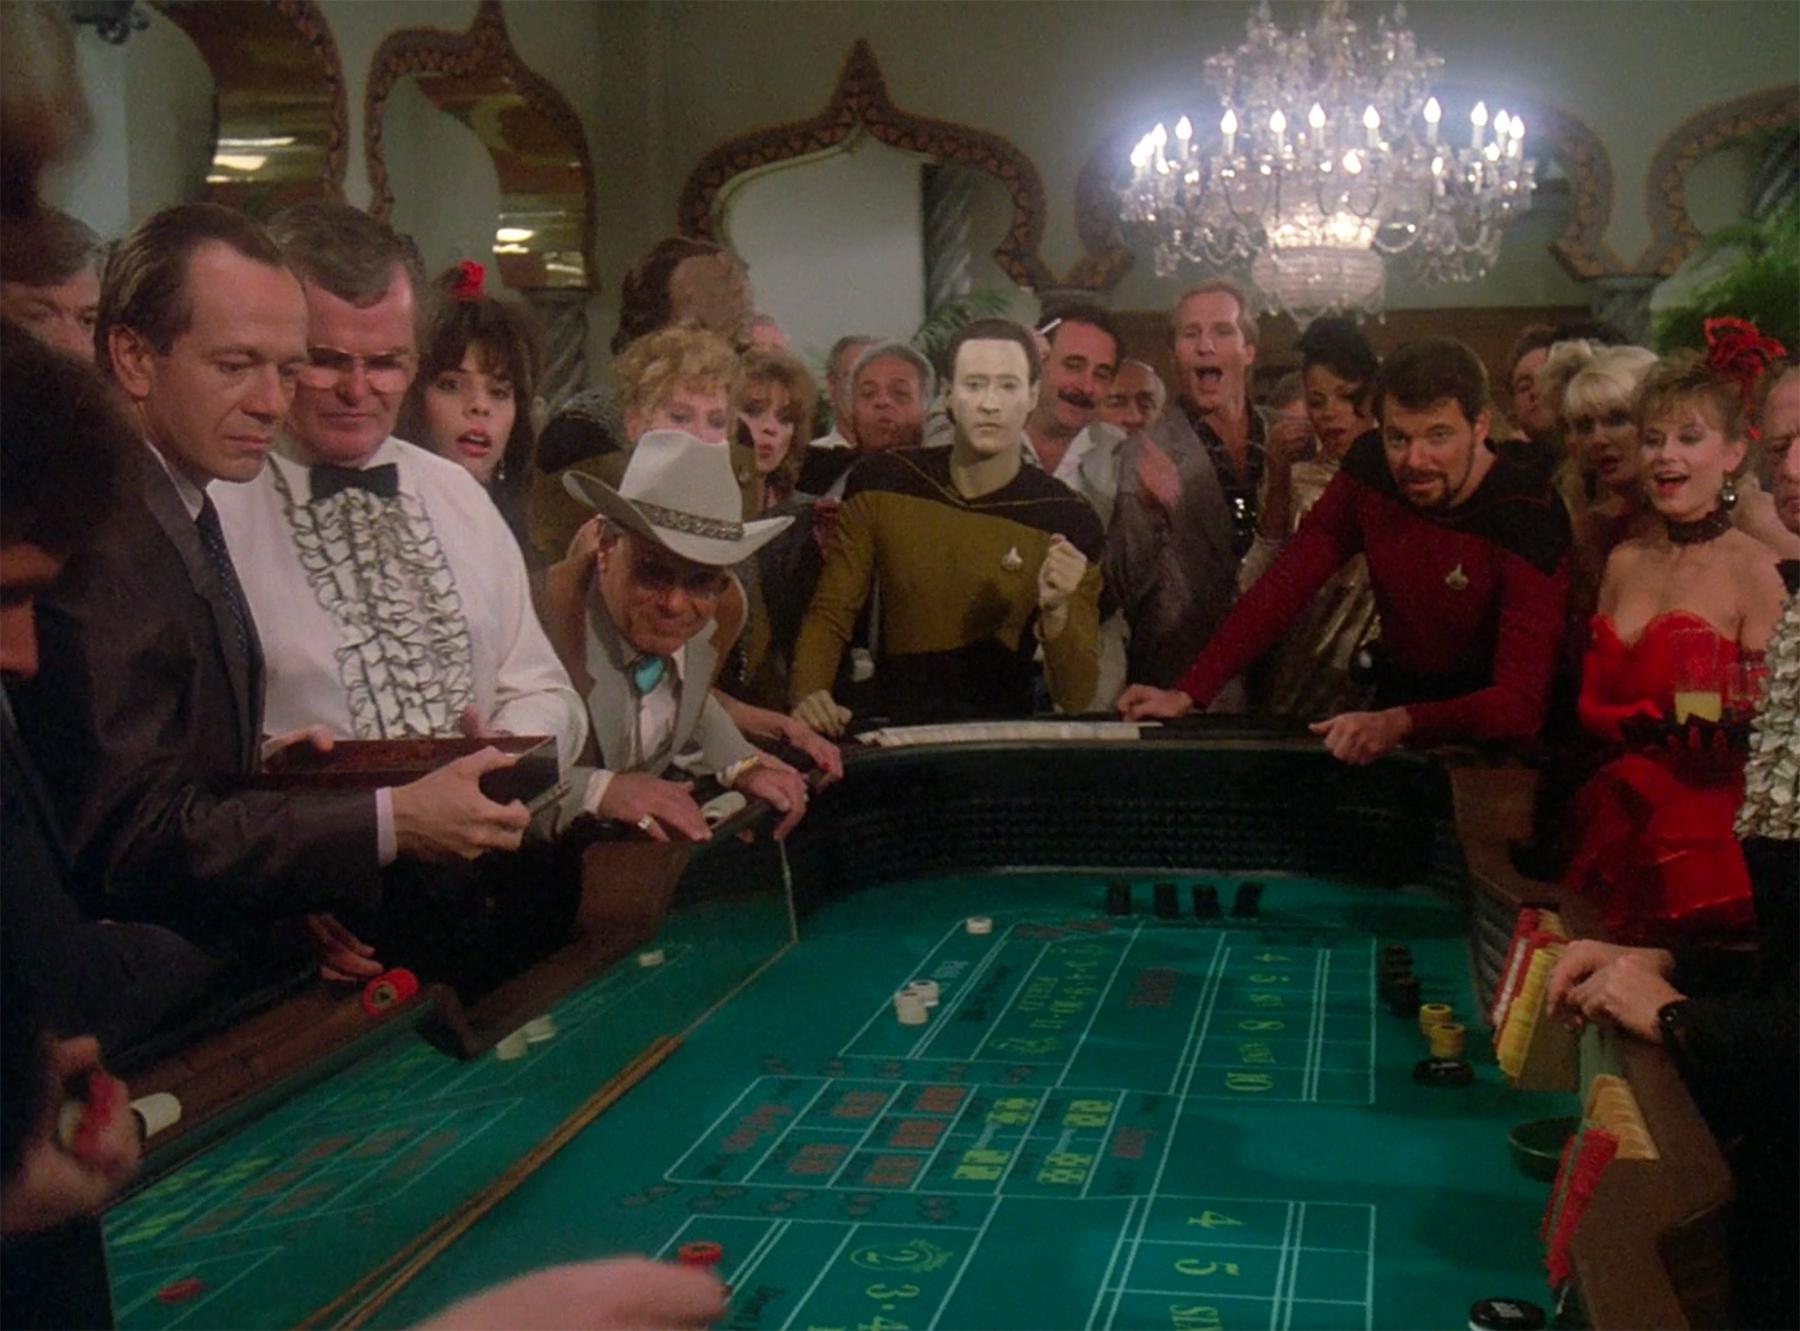 Star trek casino royale gera o de 70 conferencias do casino